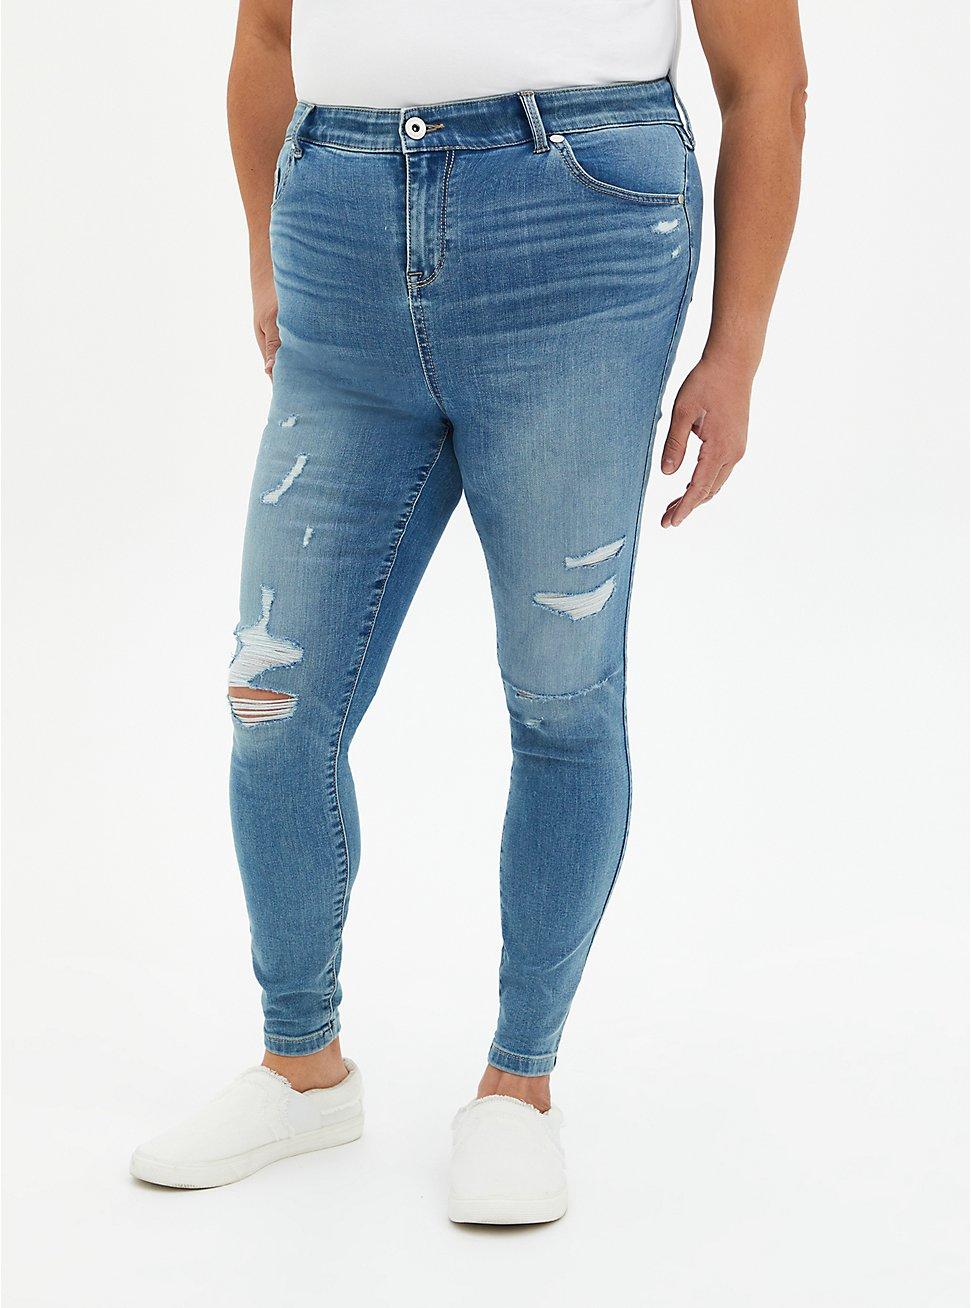 Midfit Super Skinny Jean - Super Soft Light Wash , SALT MARSH, hi-res